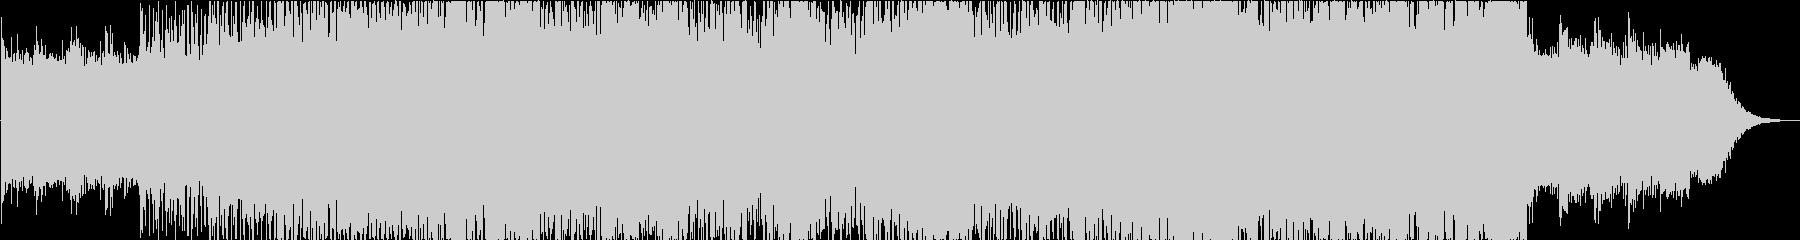 低音メインの現代音楽の未再生の波形